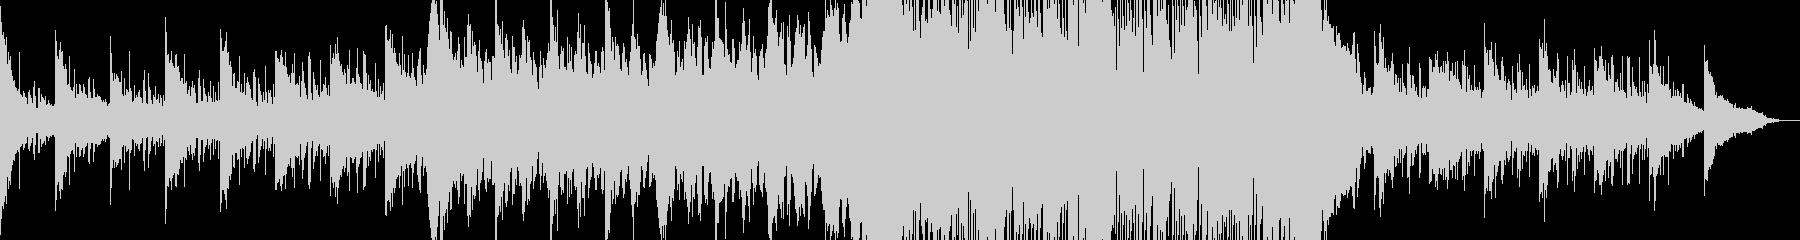 かっこいい系のエレクトロニカの未再生の波形